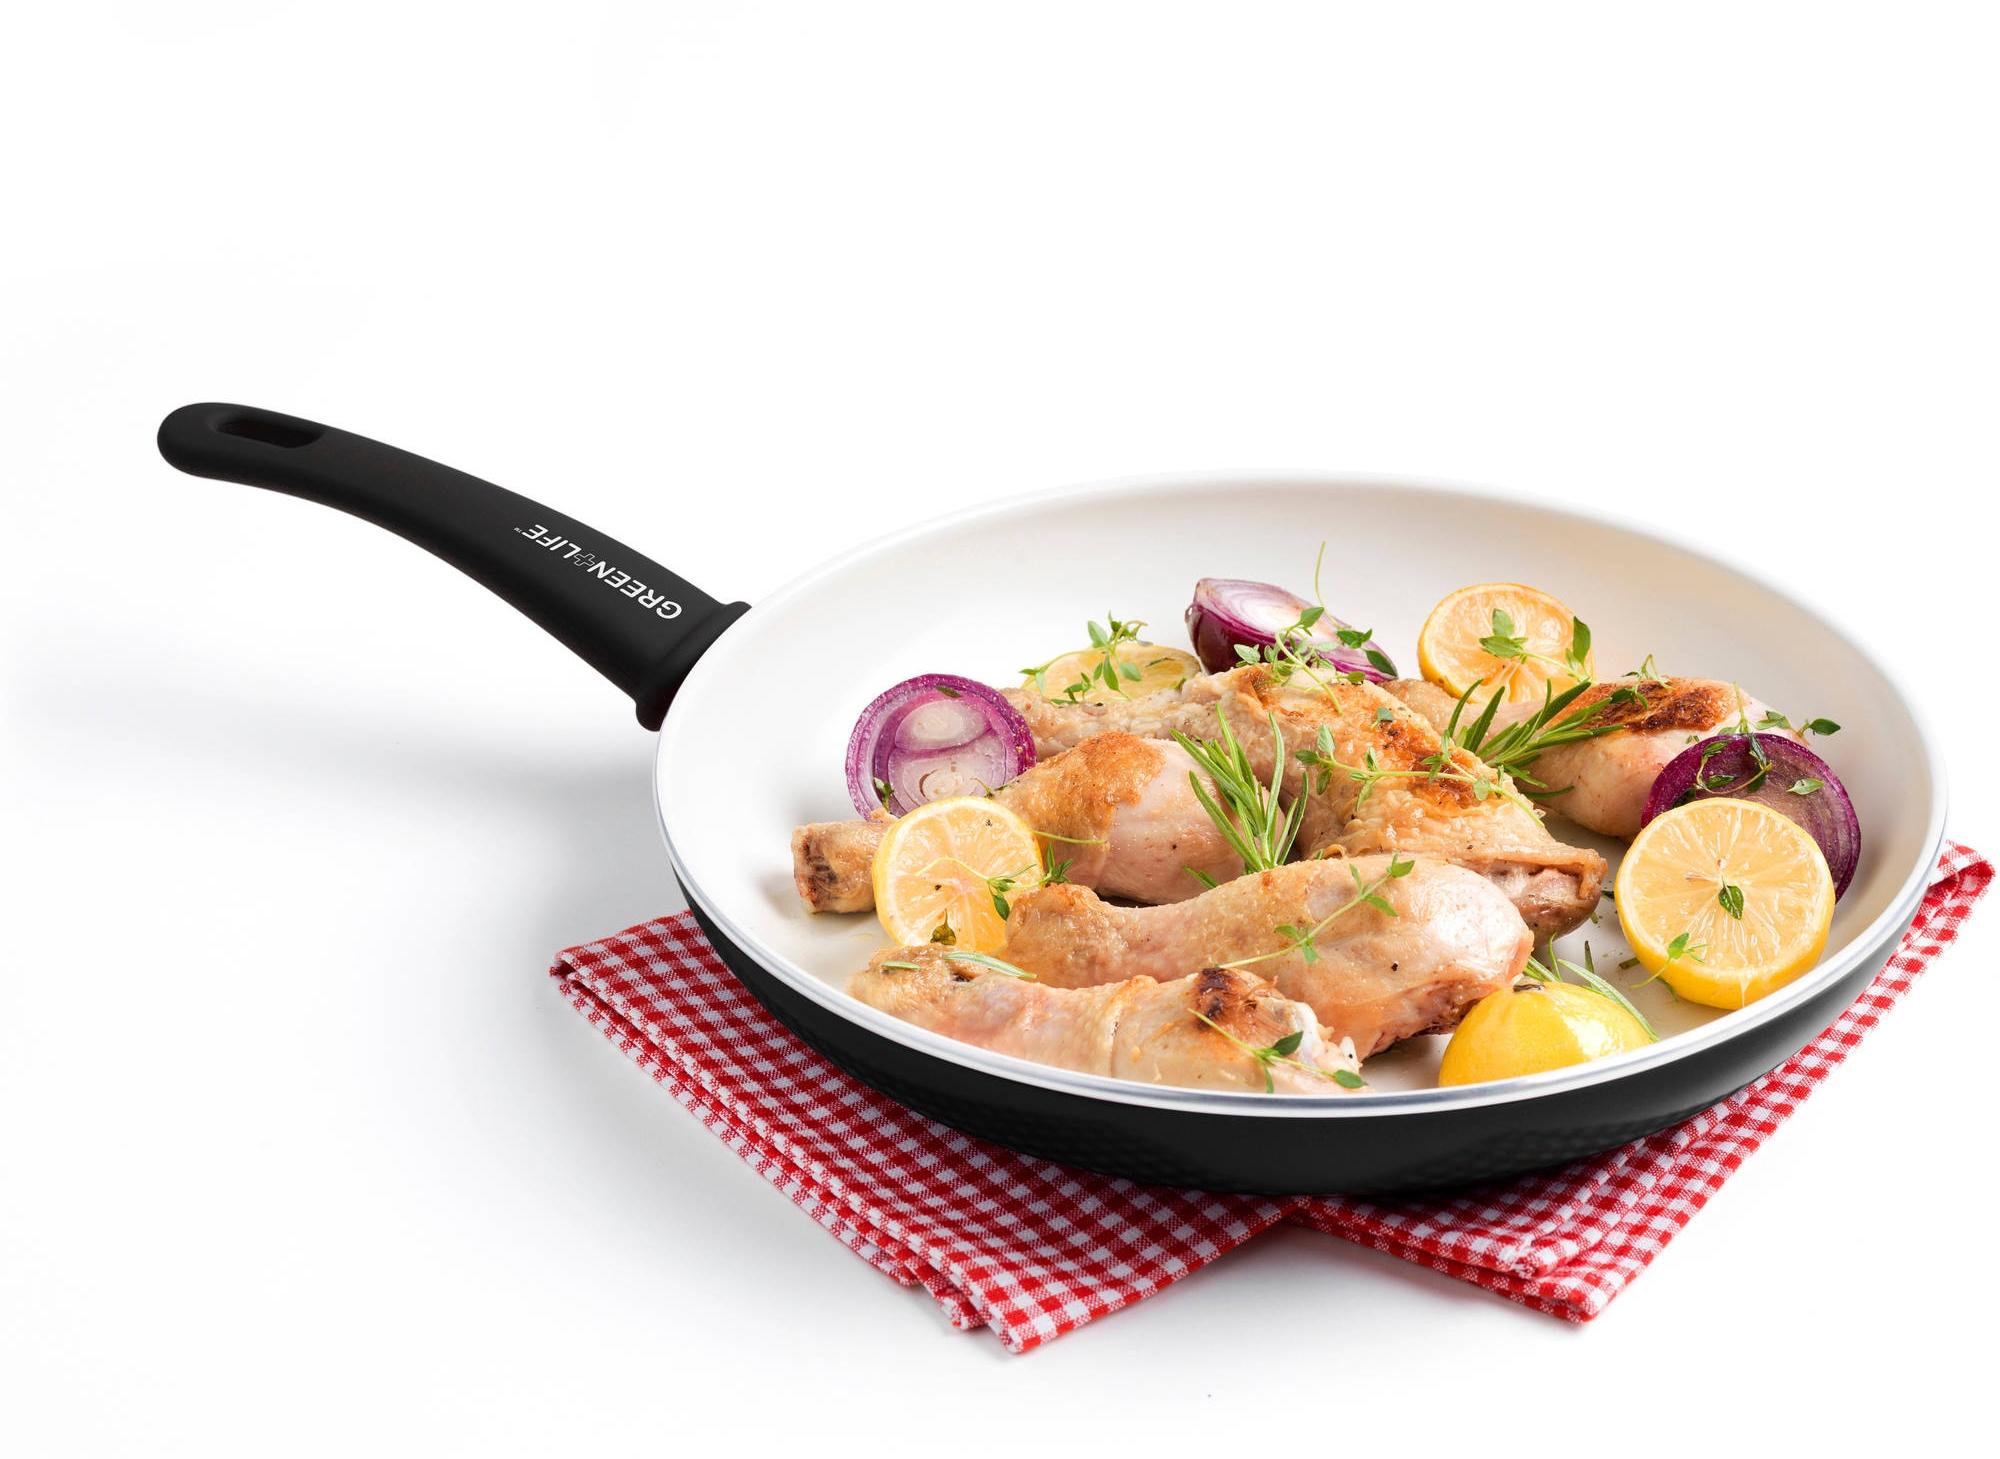 Керамическая сковорода с едой